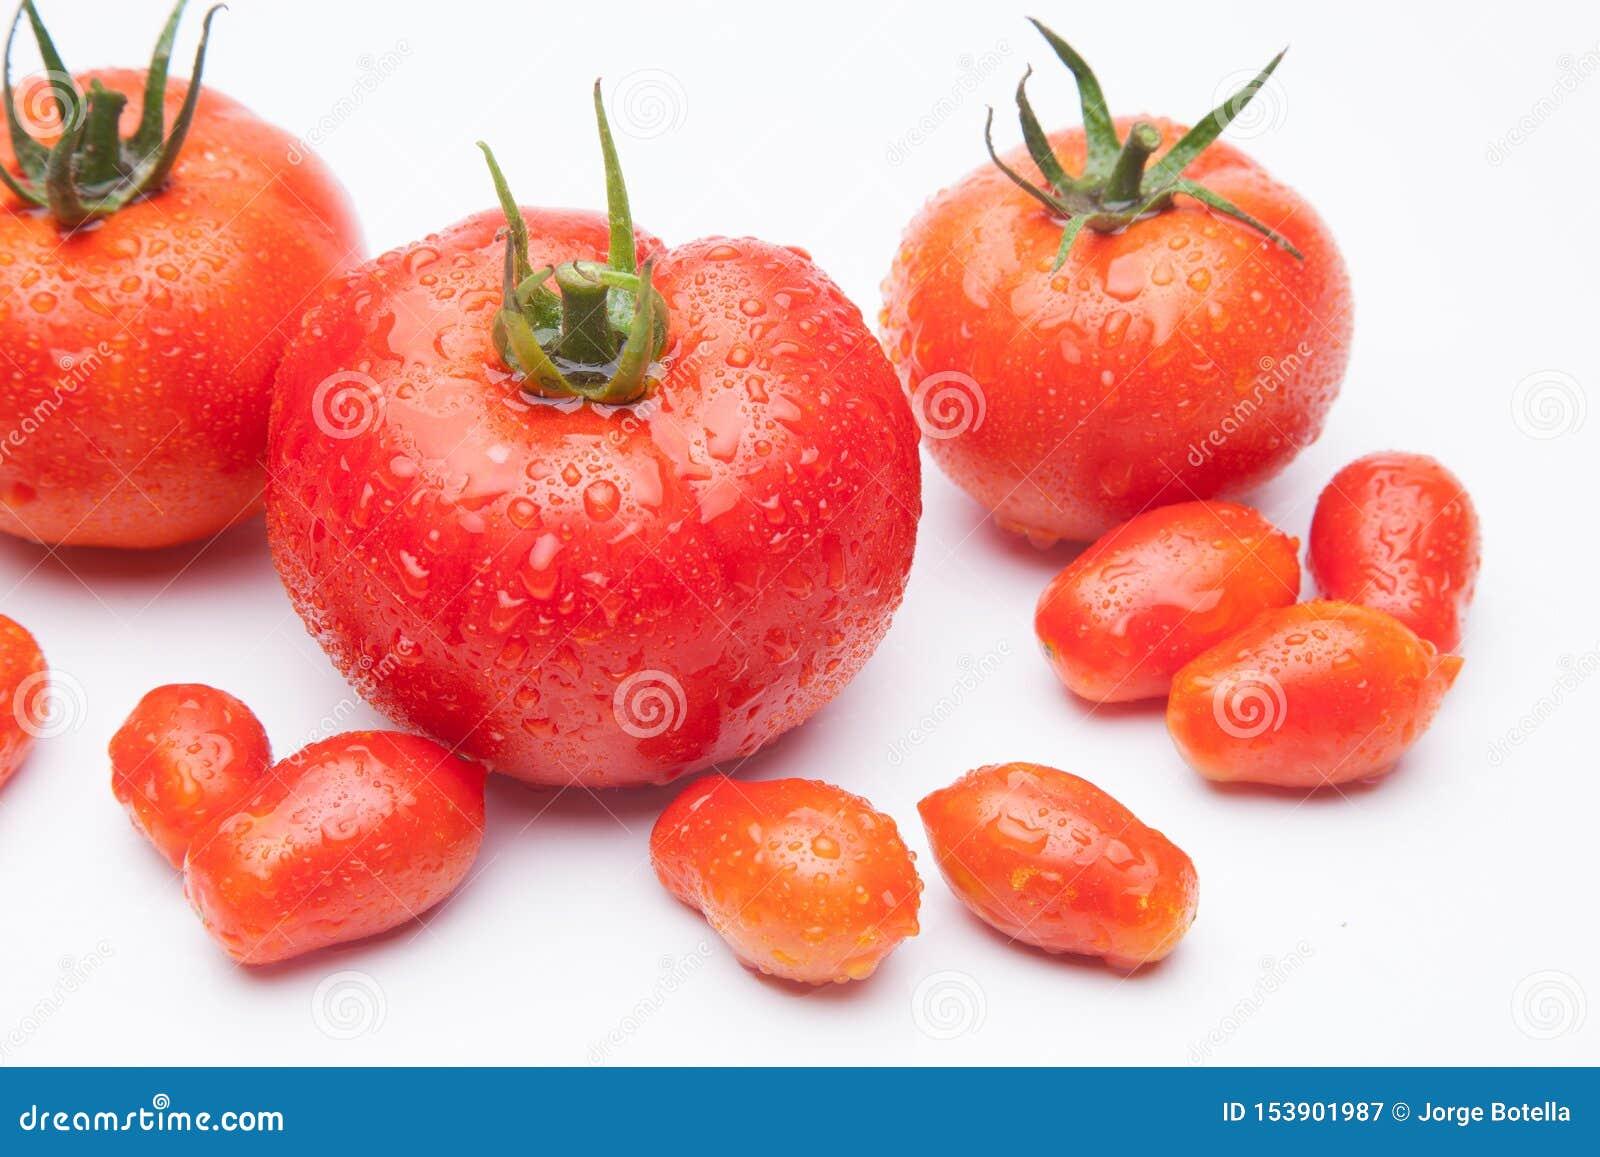 在白色背景的成熟蕃茄